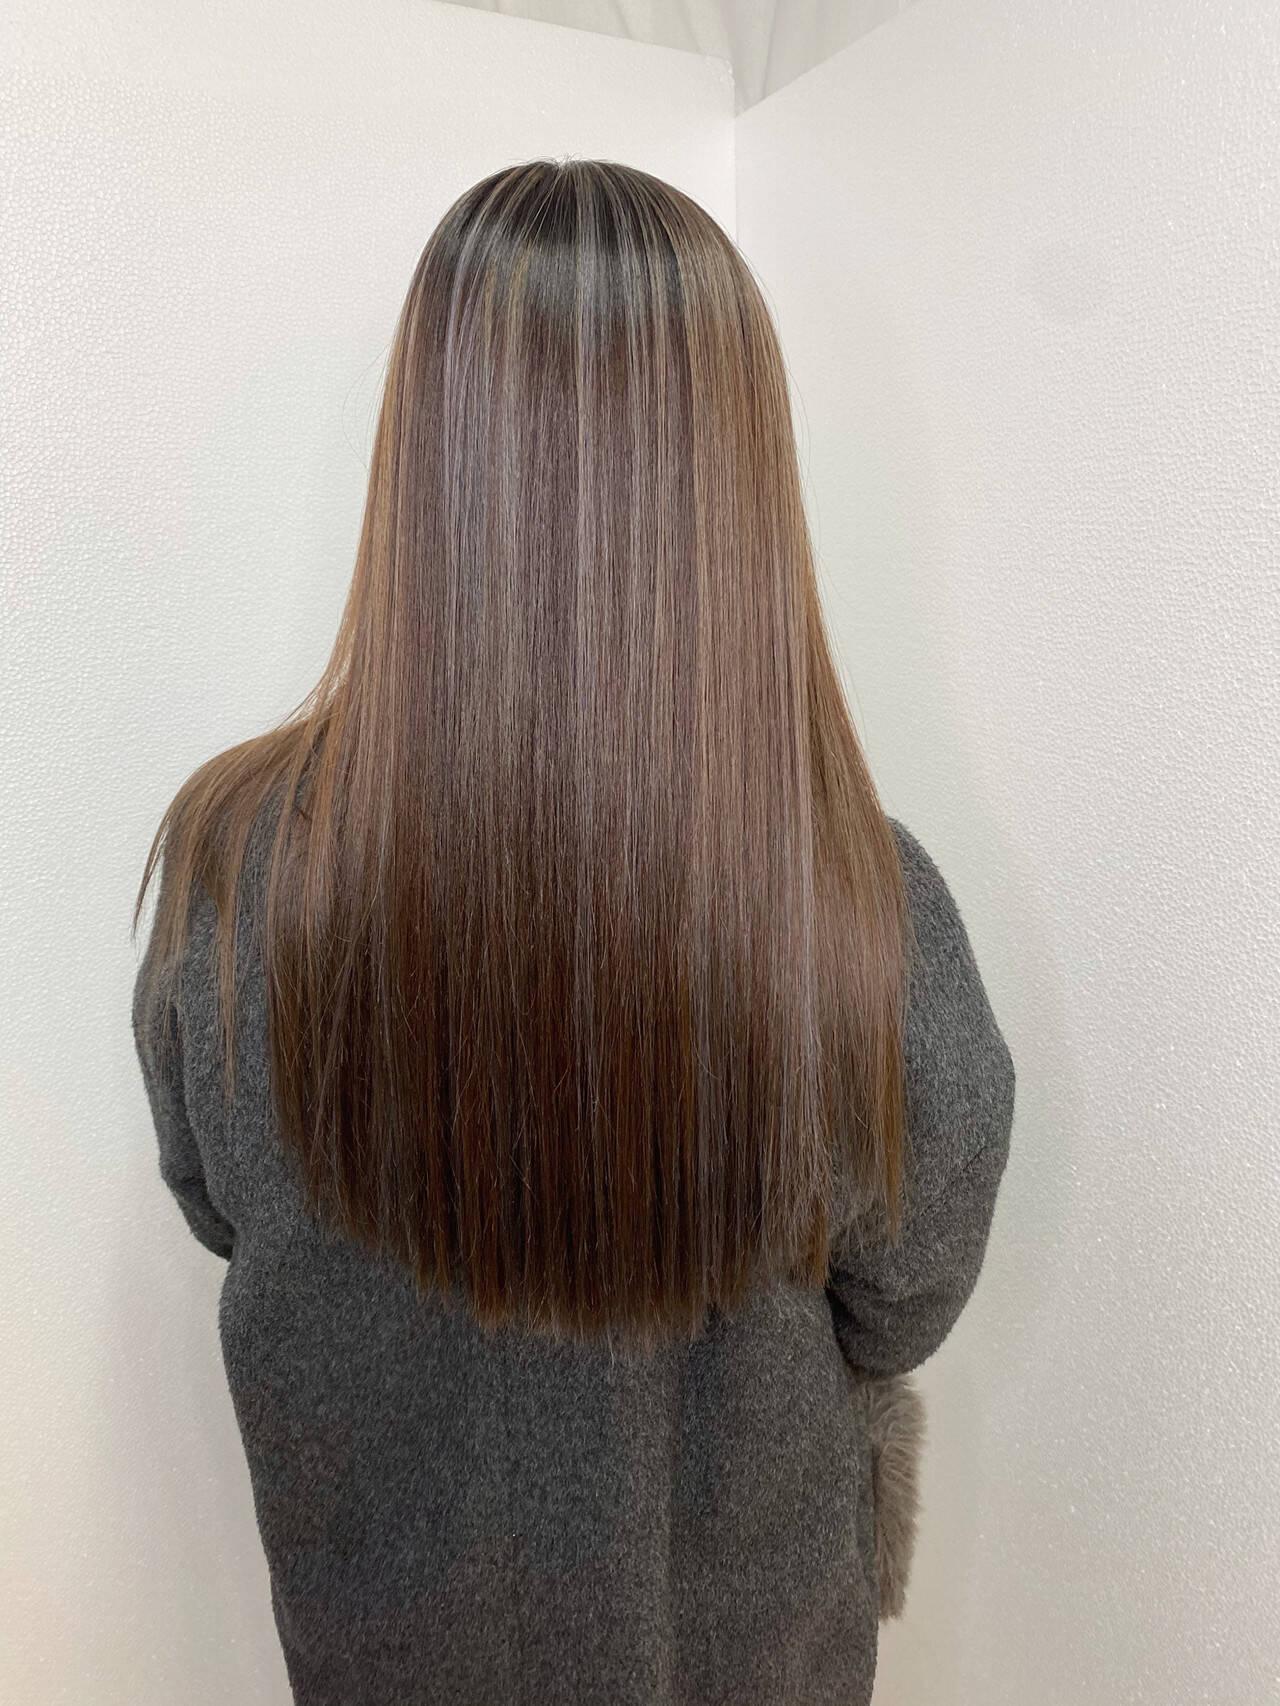 ロング 透明感カラー ハイライト ダブルカラーヘアスタイルや髪型の写真・画像